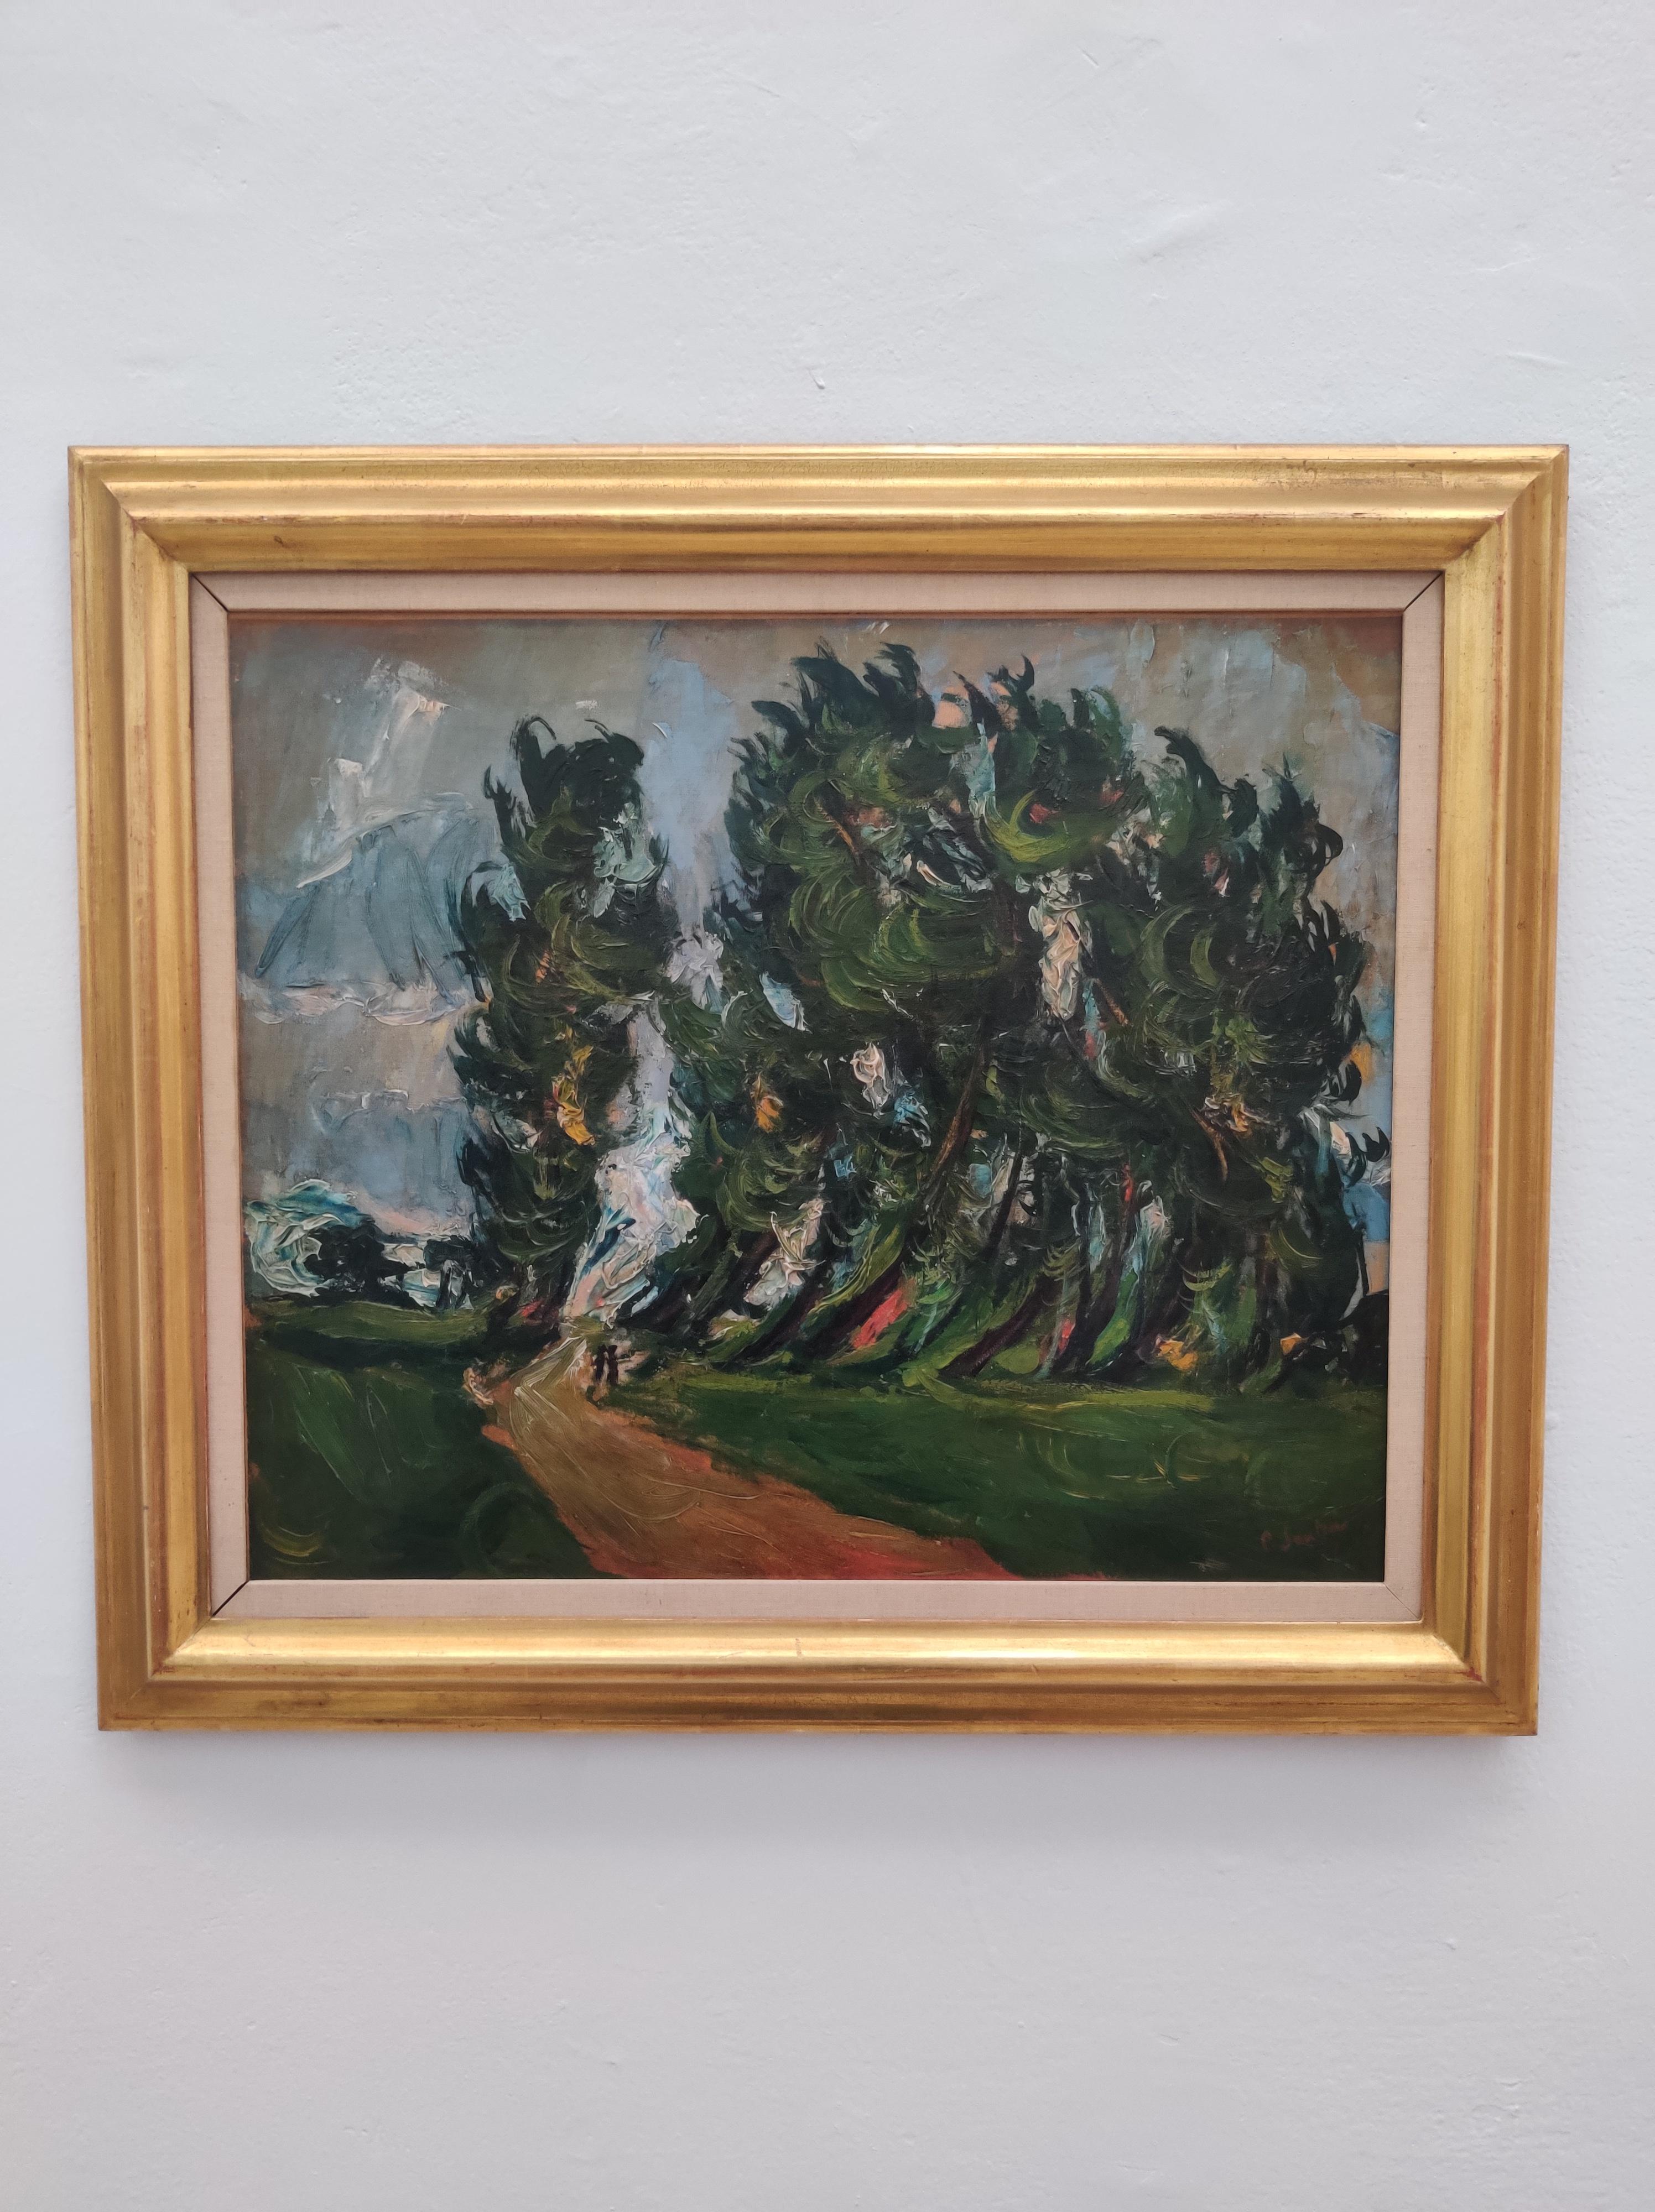 חיים סוטין, שביל ביער עם שני ילדים, עשור שלישי של המאה העשרים, בקירוב, אוסף מוזיאון הכט, אוניברסיטת חיפה.jpg